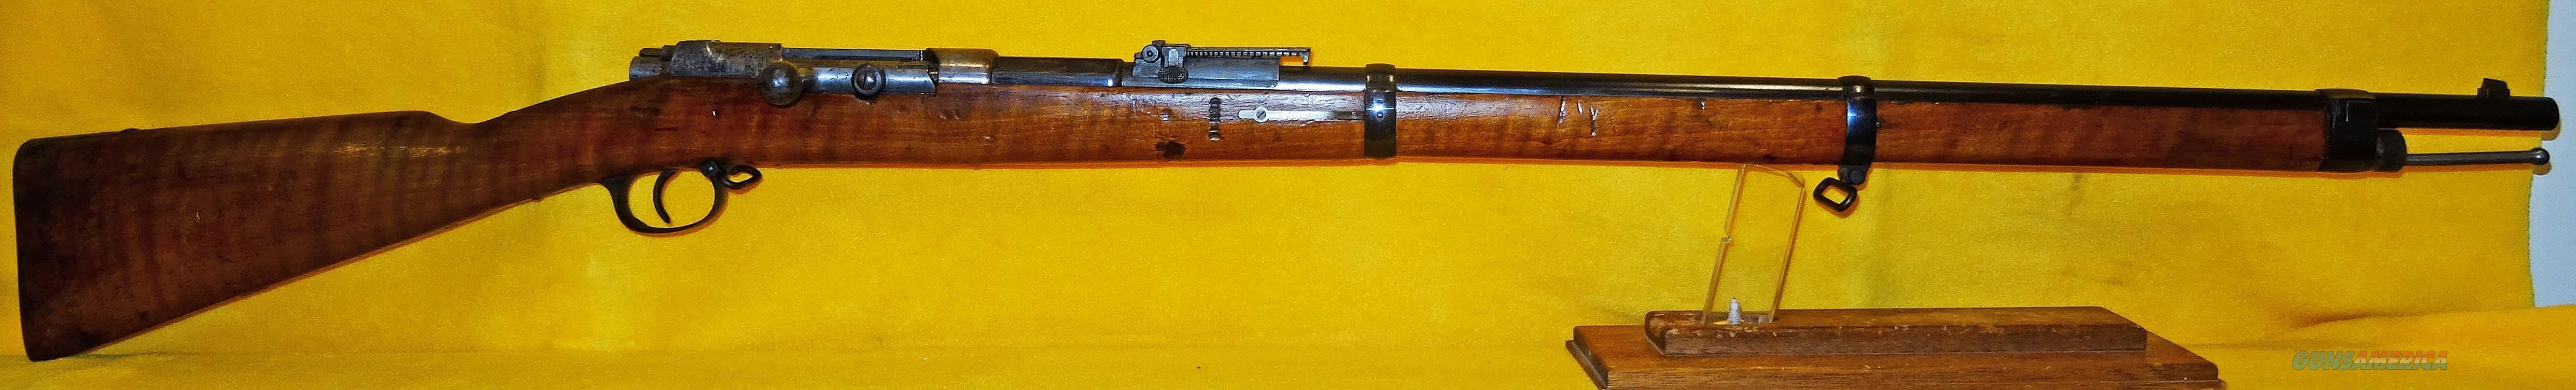 SPANDAU (1887) 71/84  Guns > Rifles > Military Misc. Rifles Non-US > Other